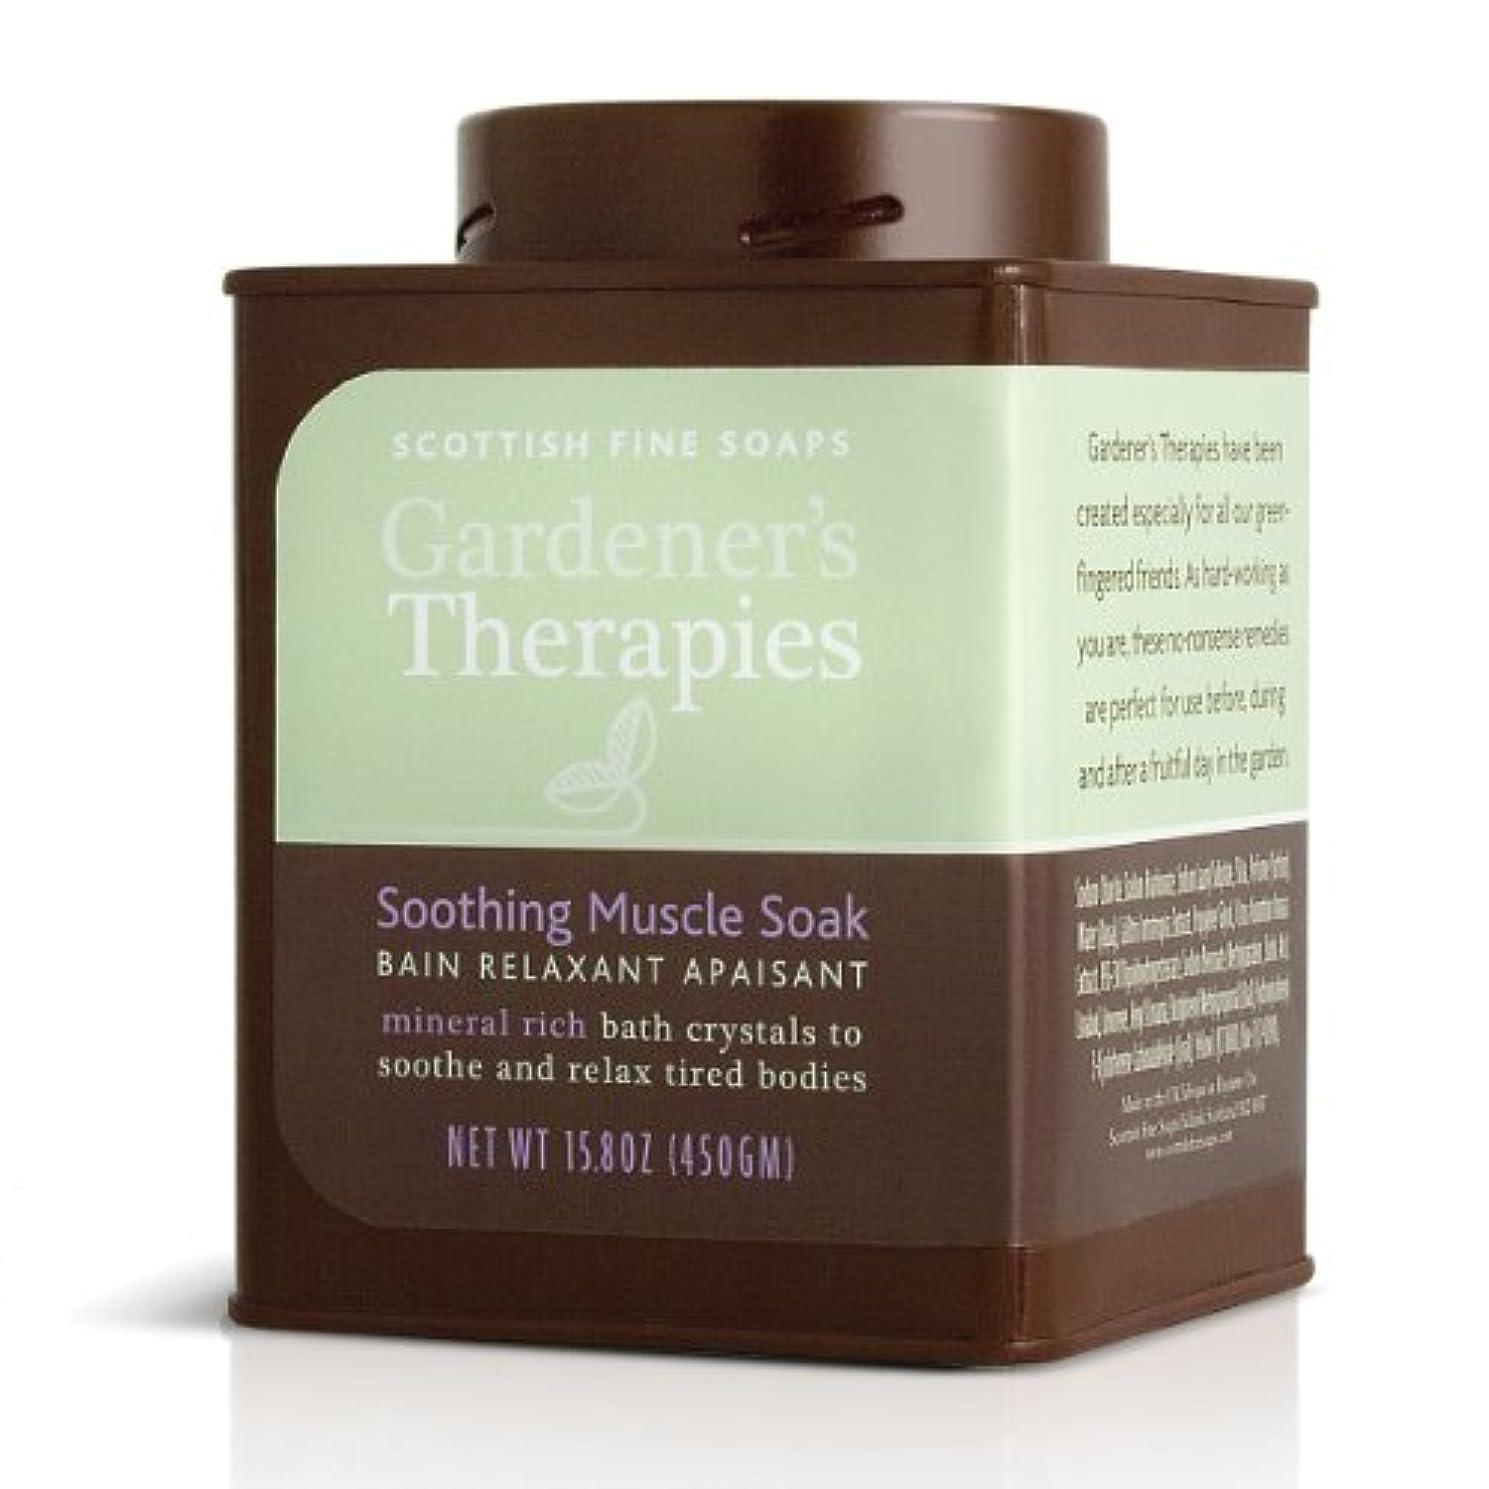 浸す深遠不健康SCOTTISH FINE SOAPS(スコティッシュファインソープ) Gardener's Therapies(ガーデンセラピーシリーズ) リラクシングバスパウダー 500g 5016365005548